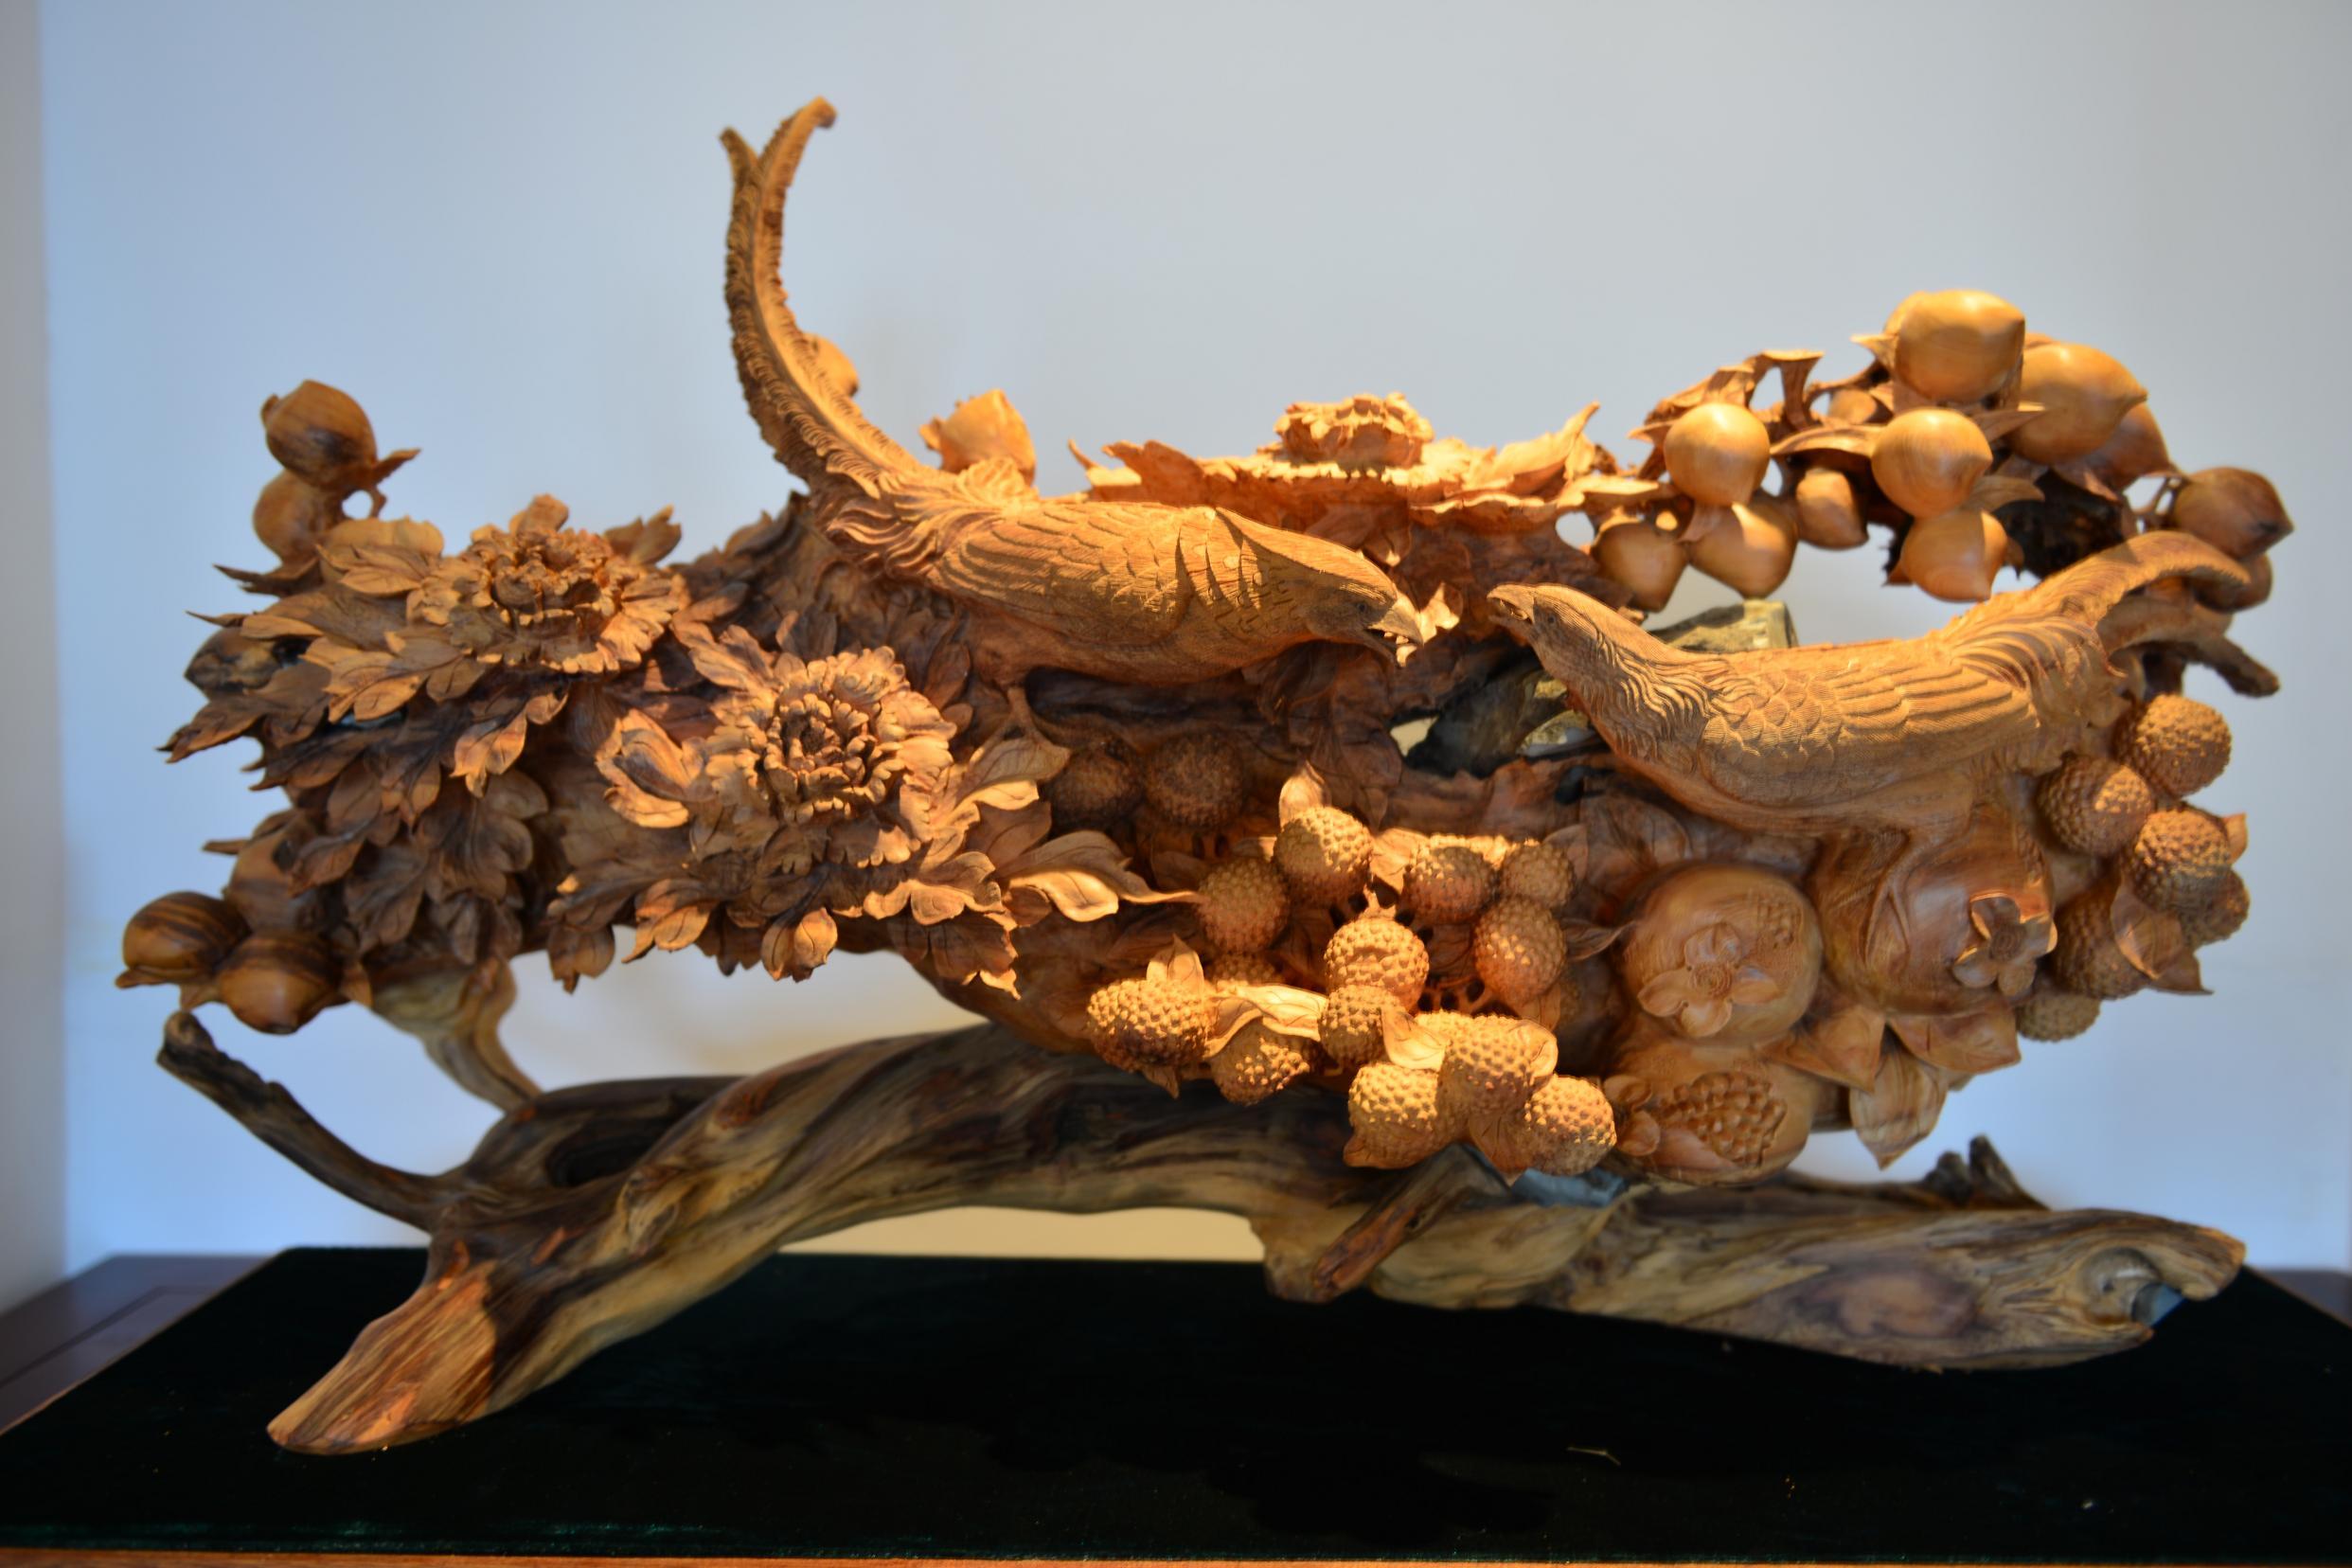 云南雕塑:木雕工艺制作流程及雕刻技法